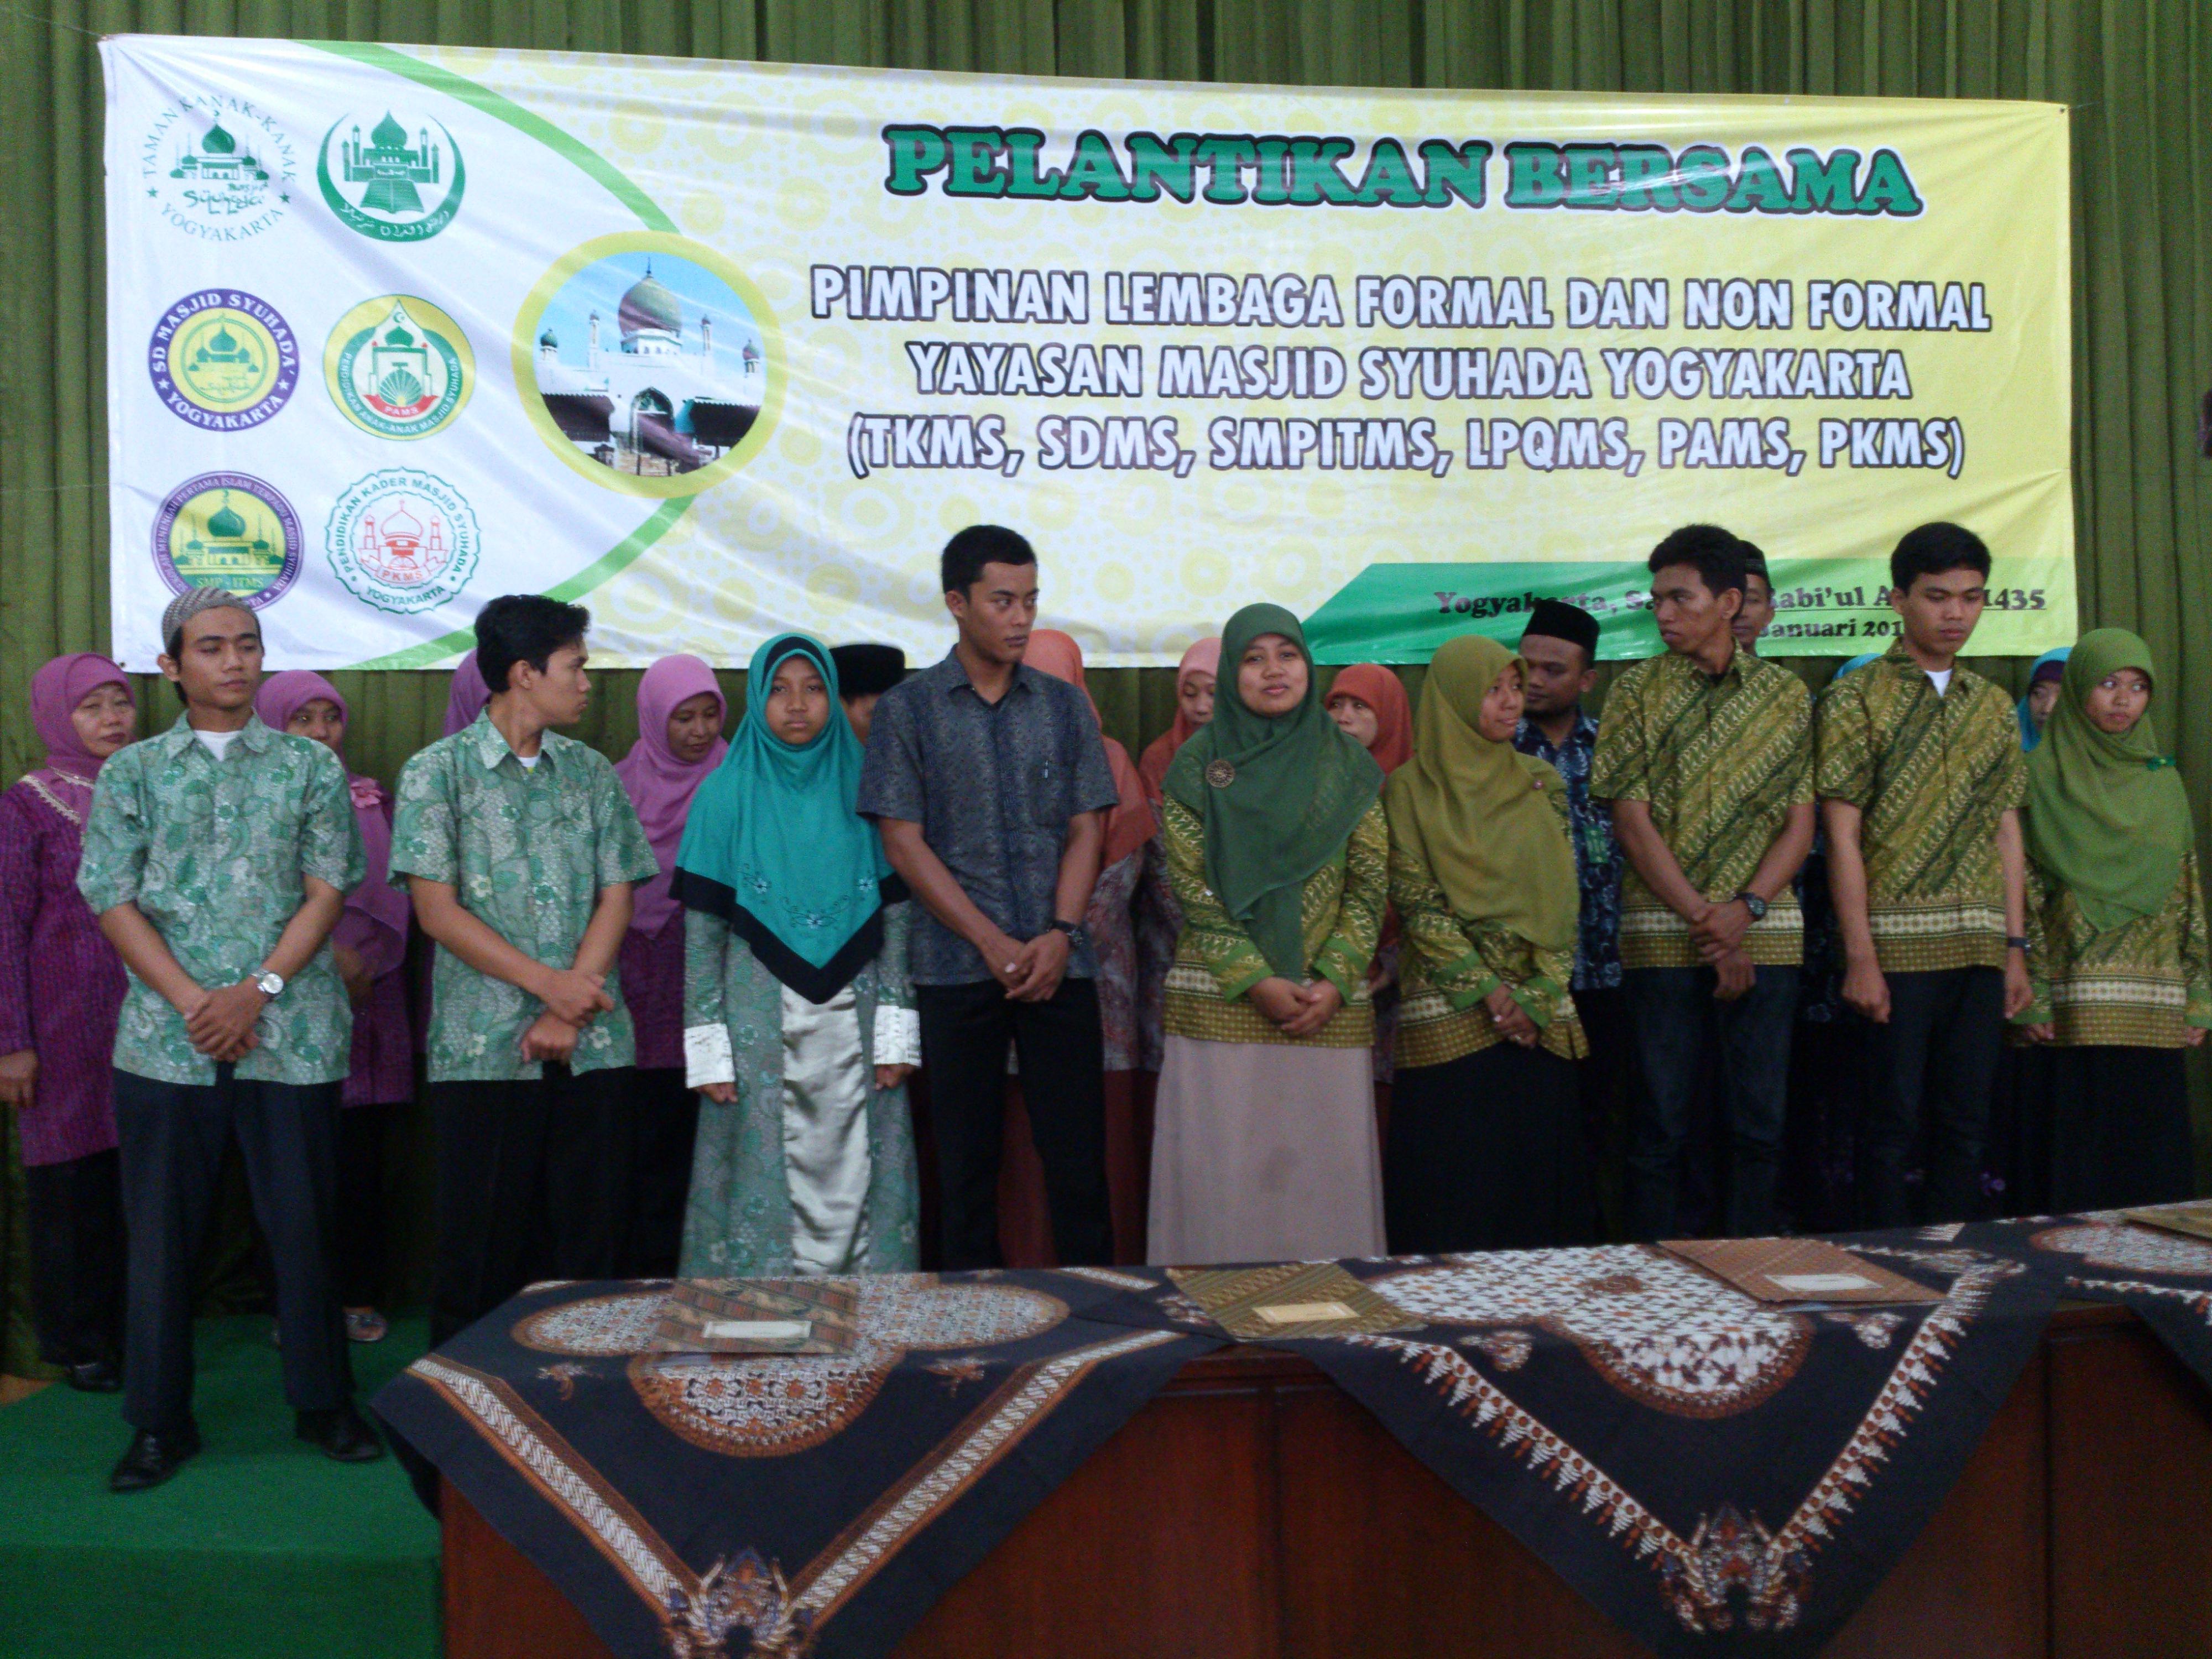 Tk Masjid Syuhada Pelantikan 3 Kota Yogyakarta